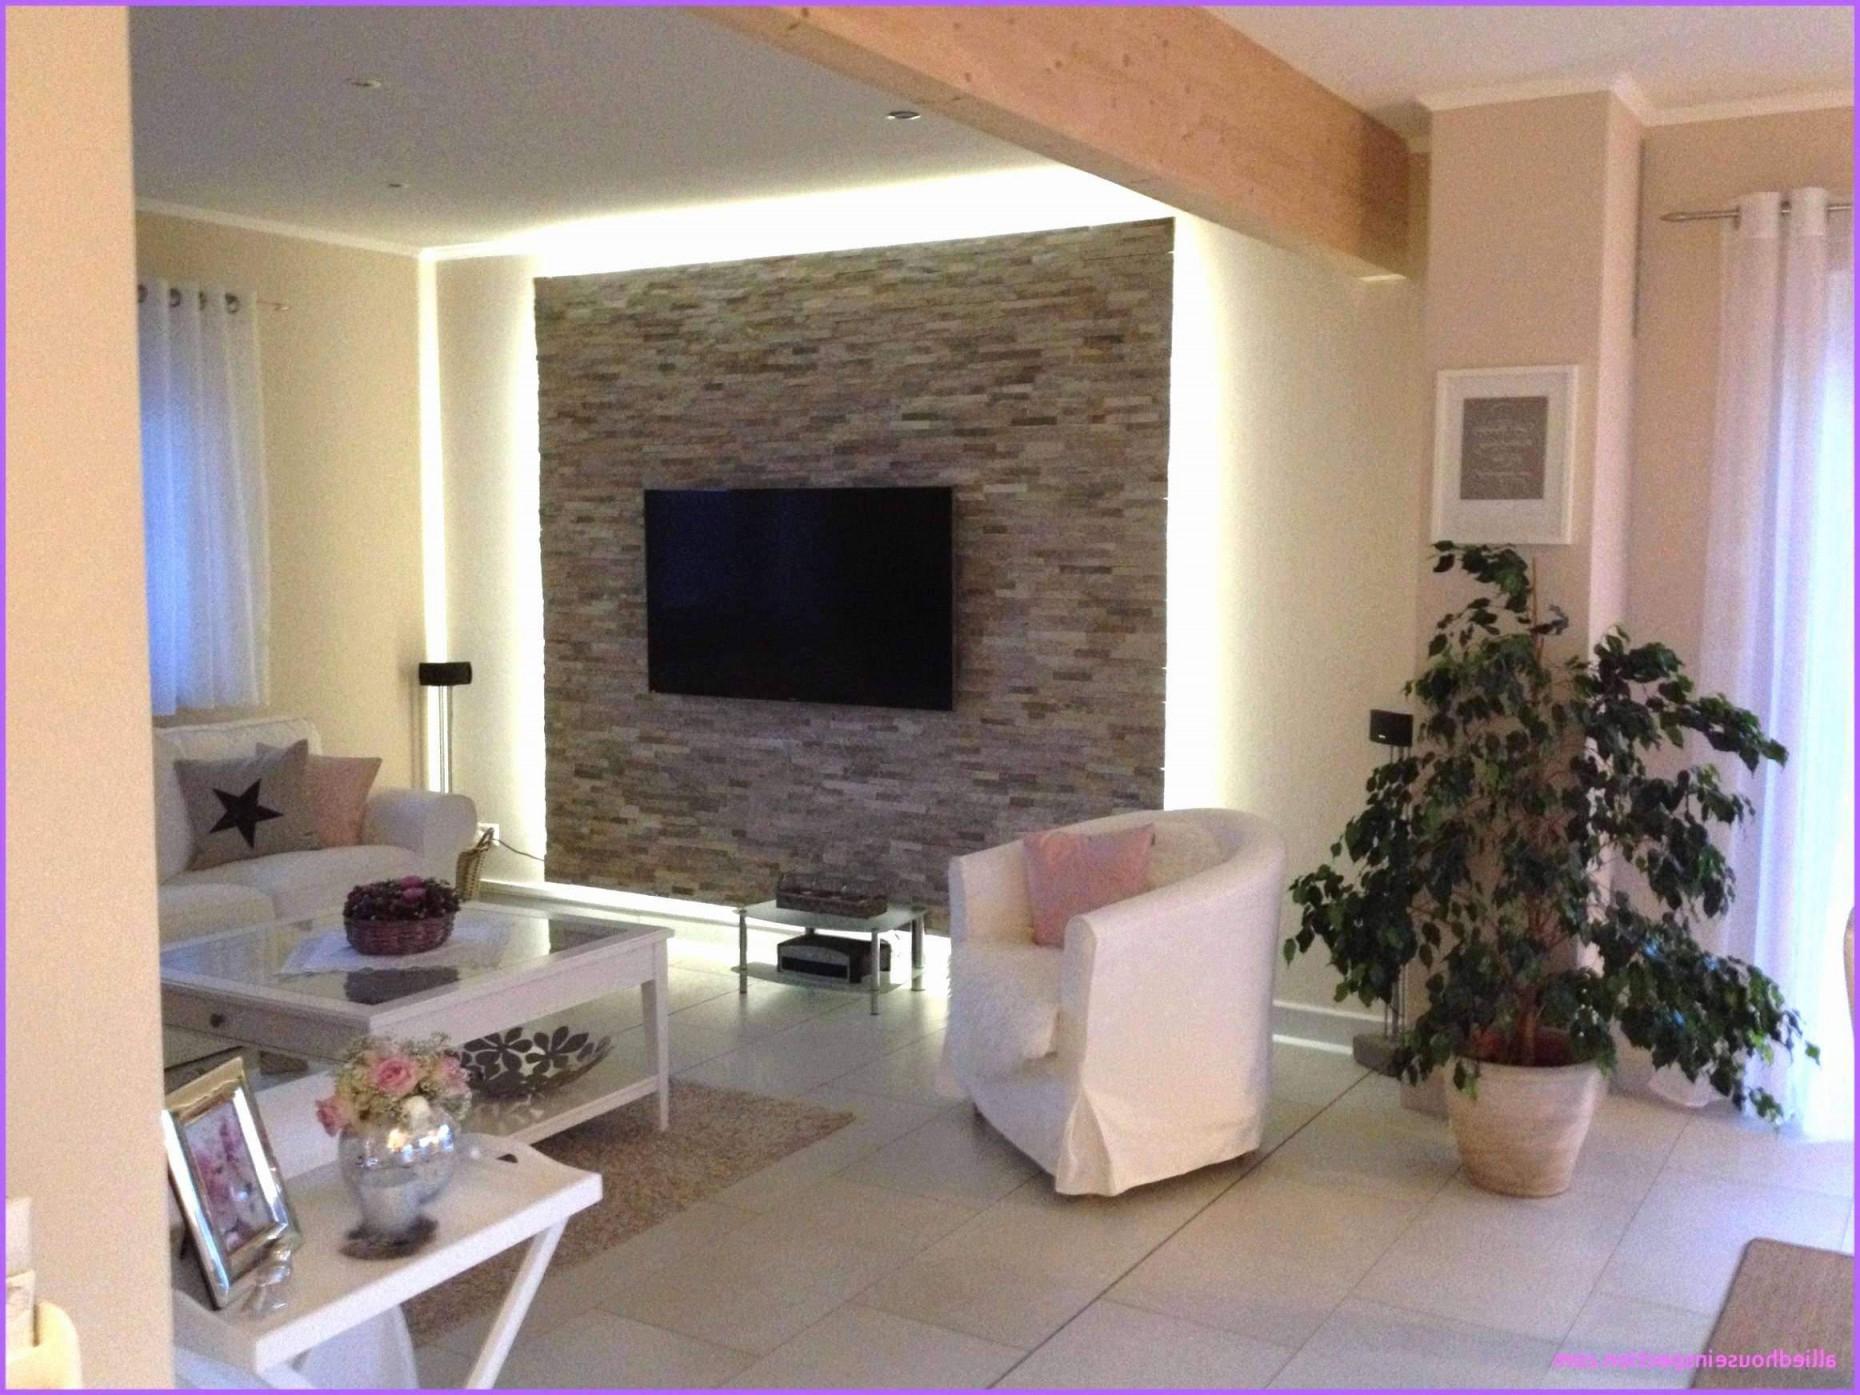 Wanddekoration Wohnzimmer Beispiele Einzigartig von Moderne Wanddekoration Wohnzimmer Photo